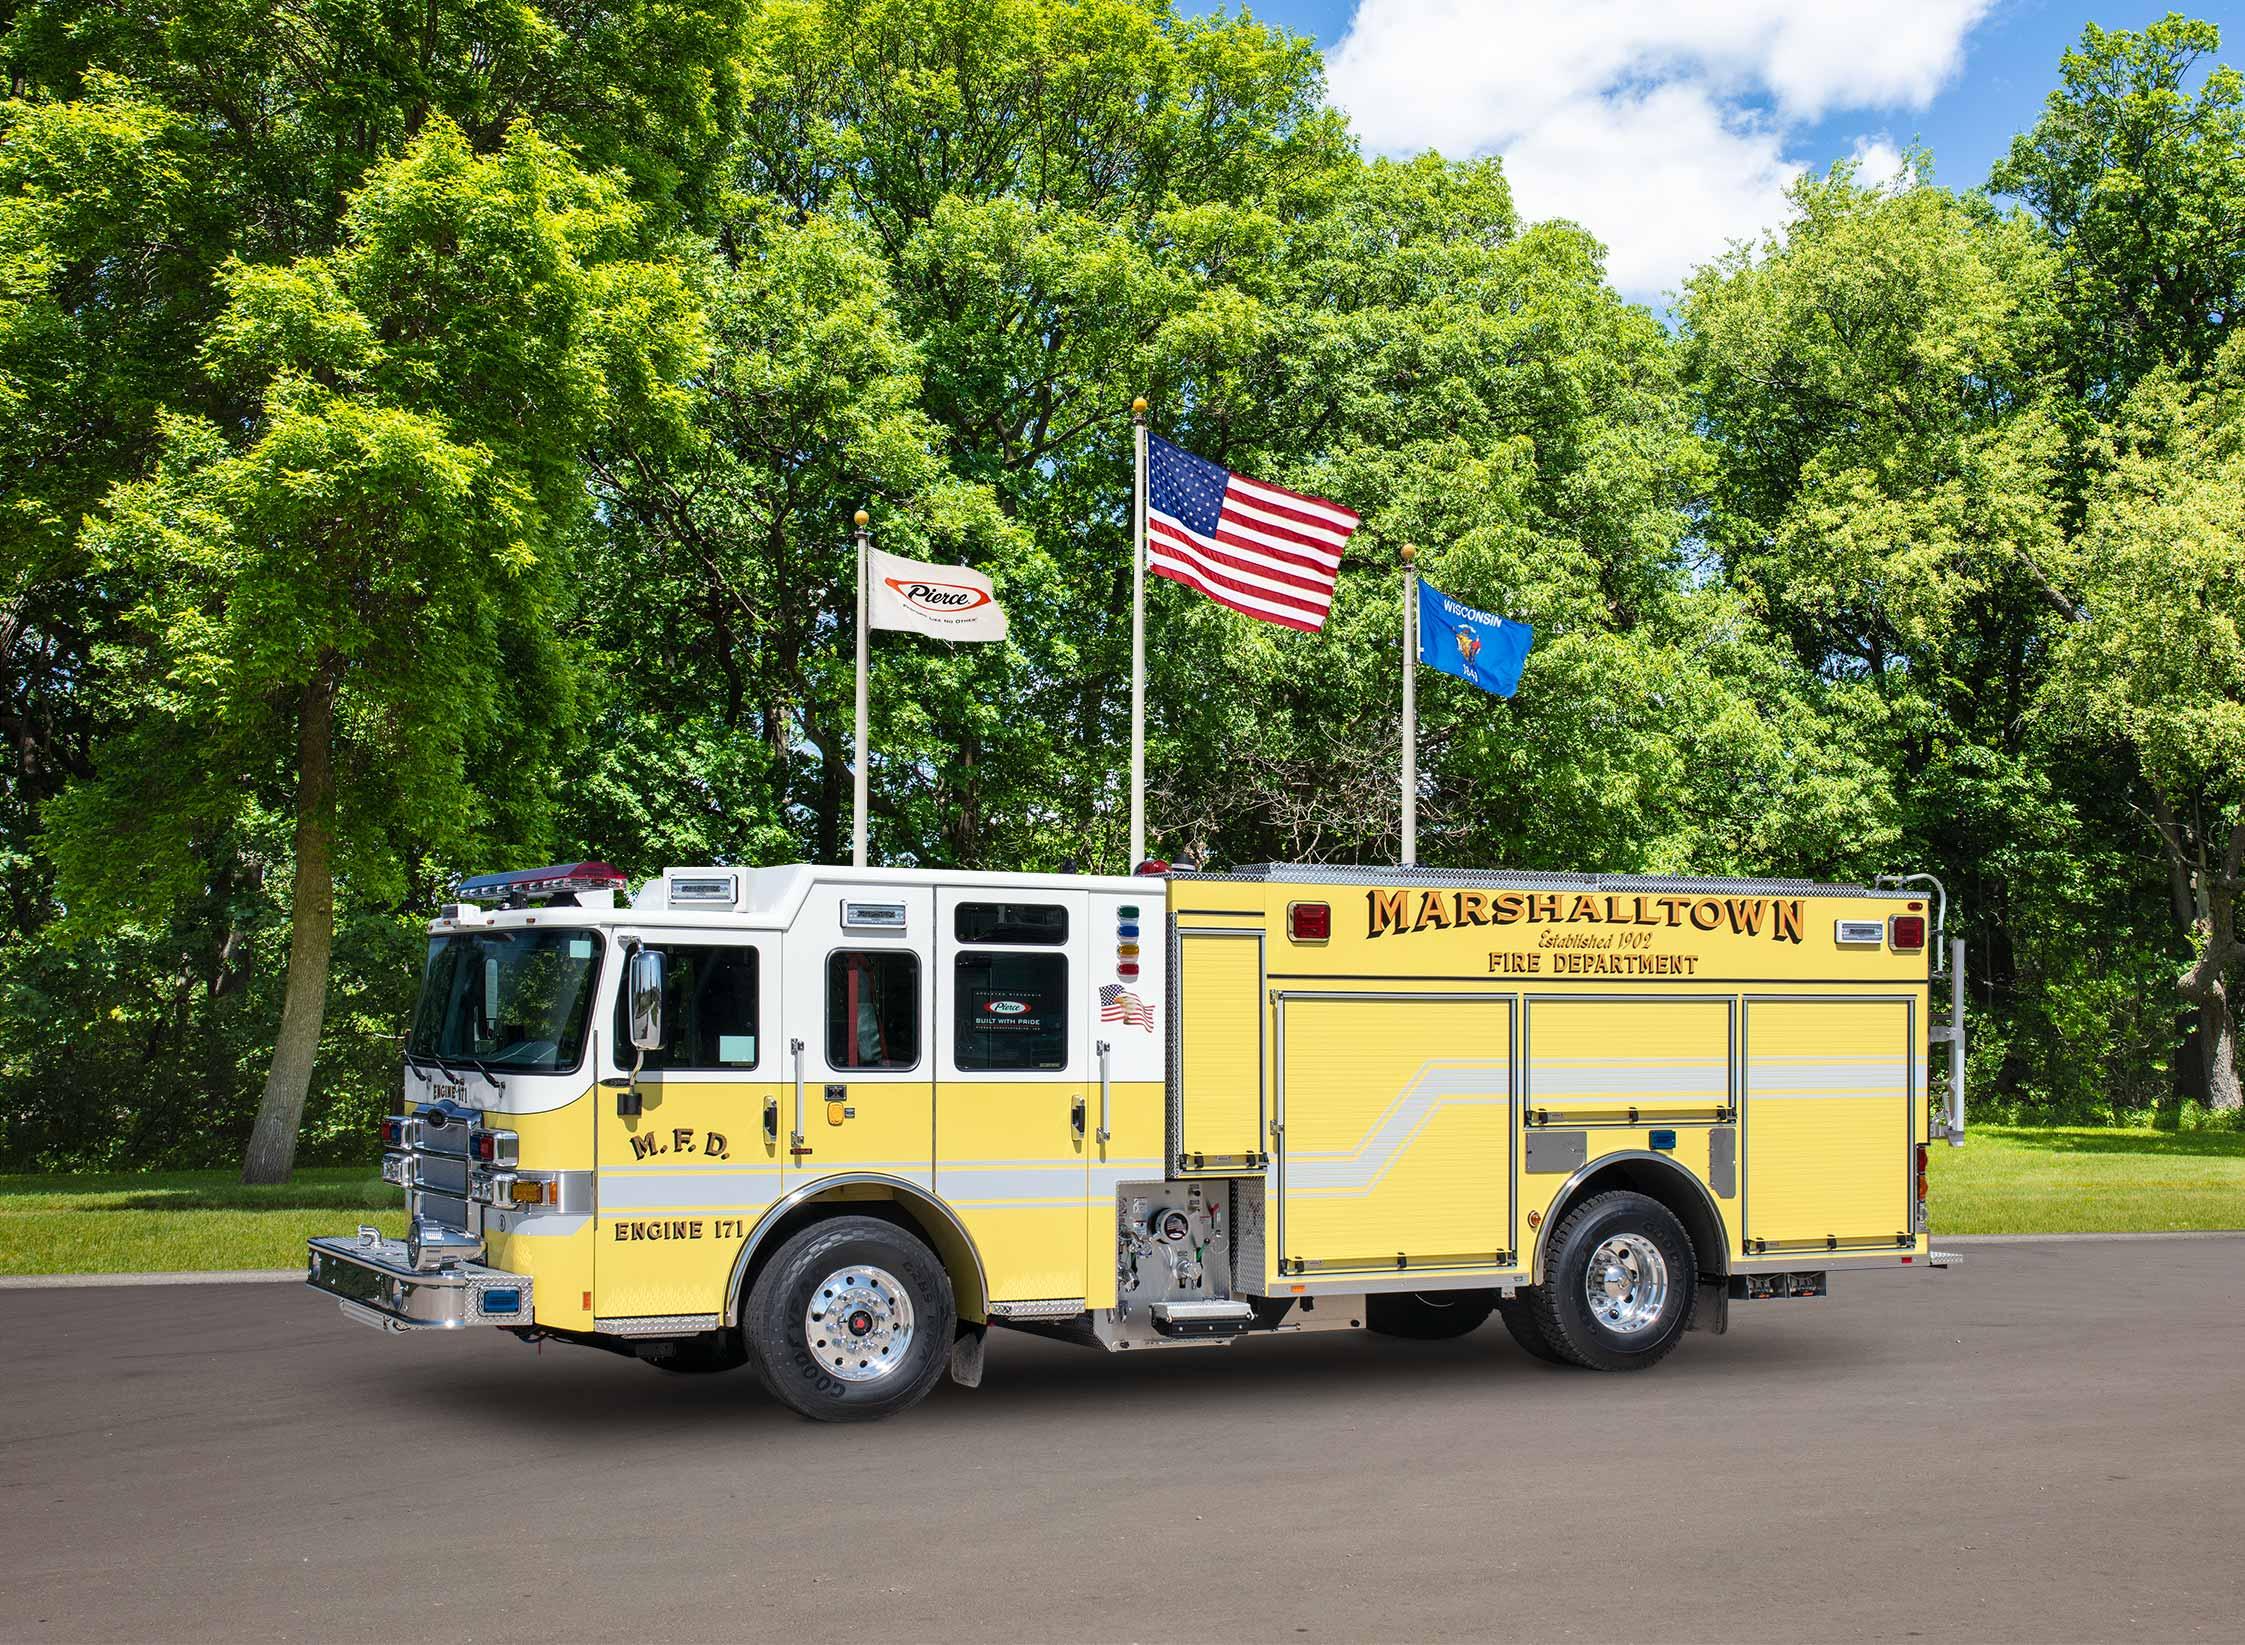 Marshalltown Fire Department - Pumper